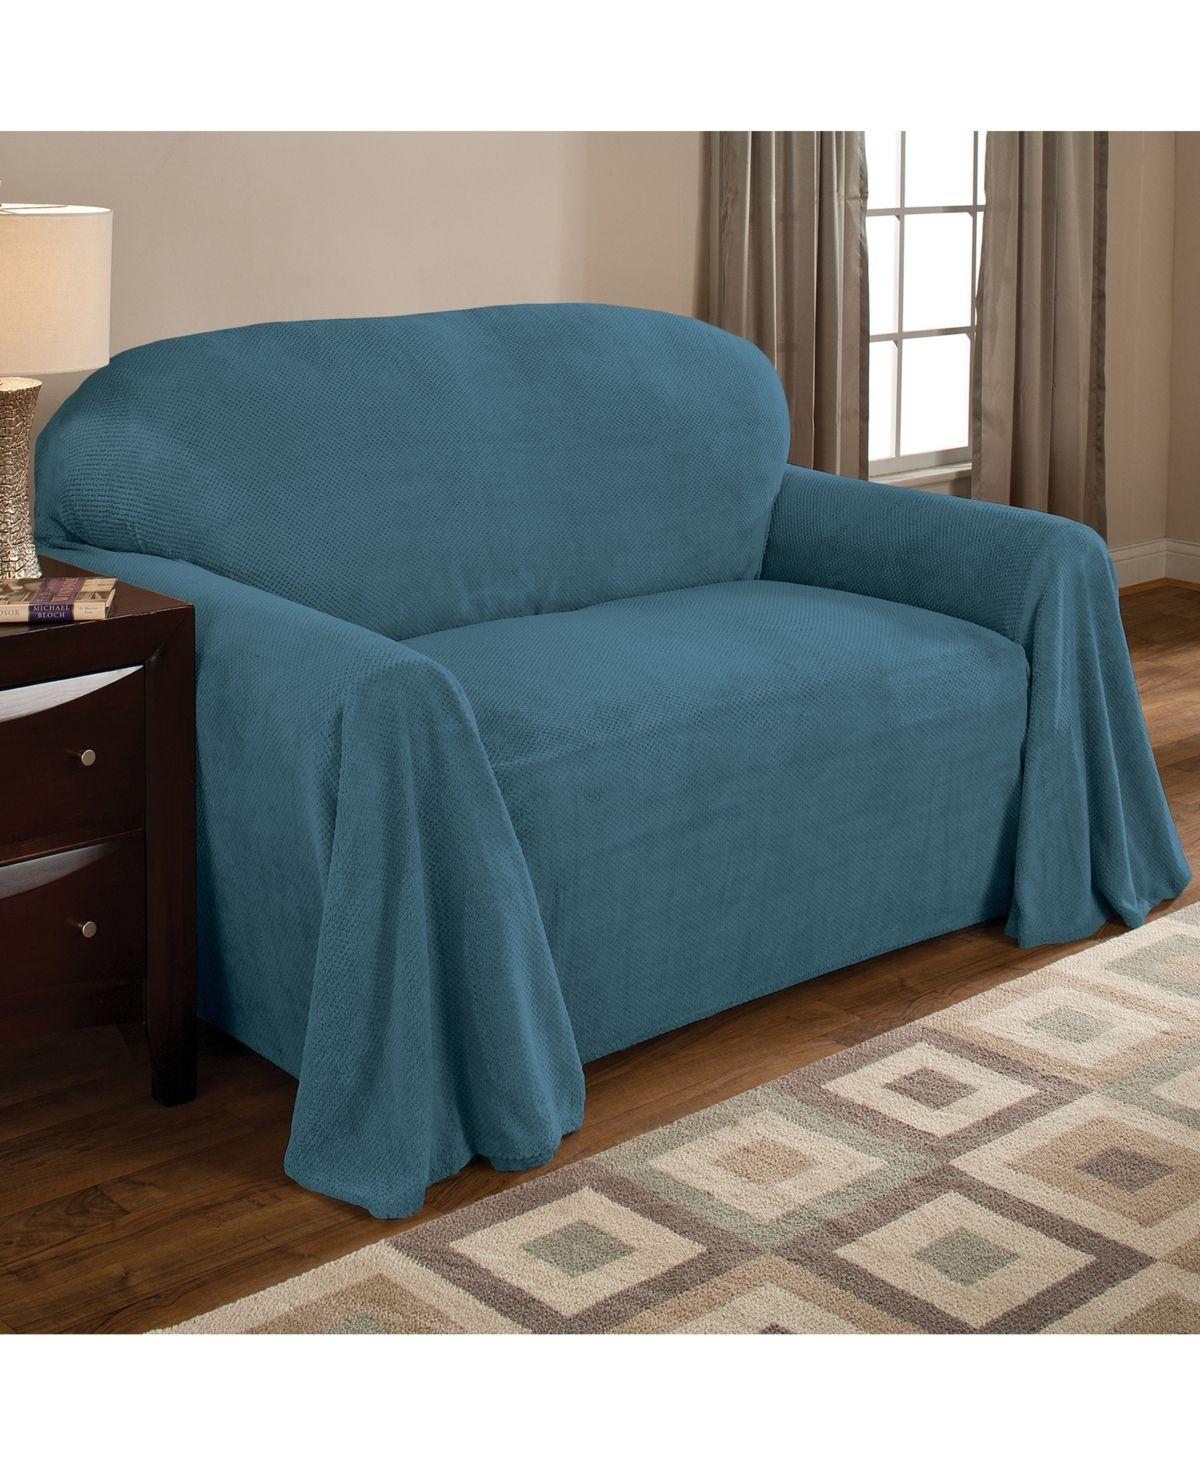 C Fleece Throw Sofa Slipcover